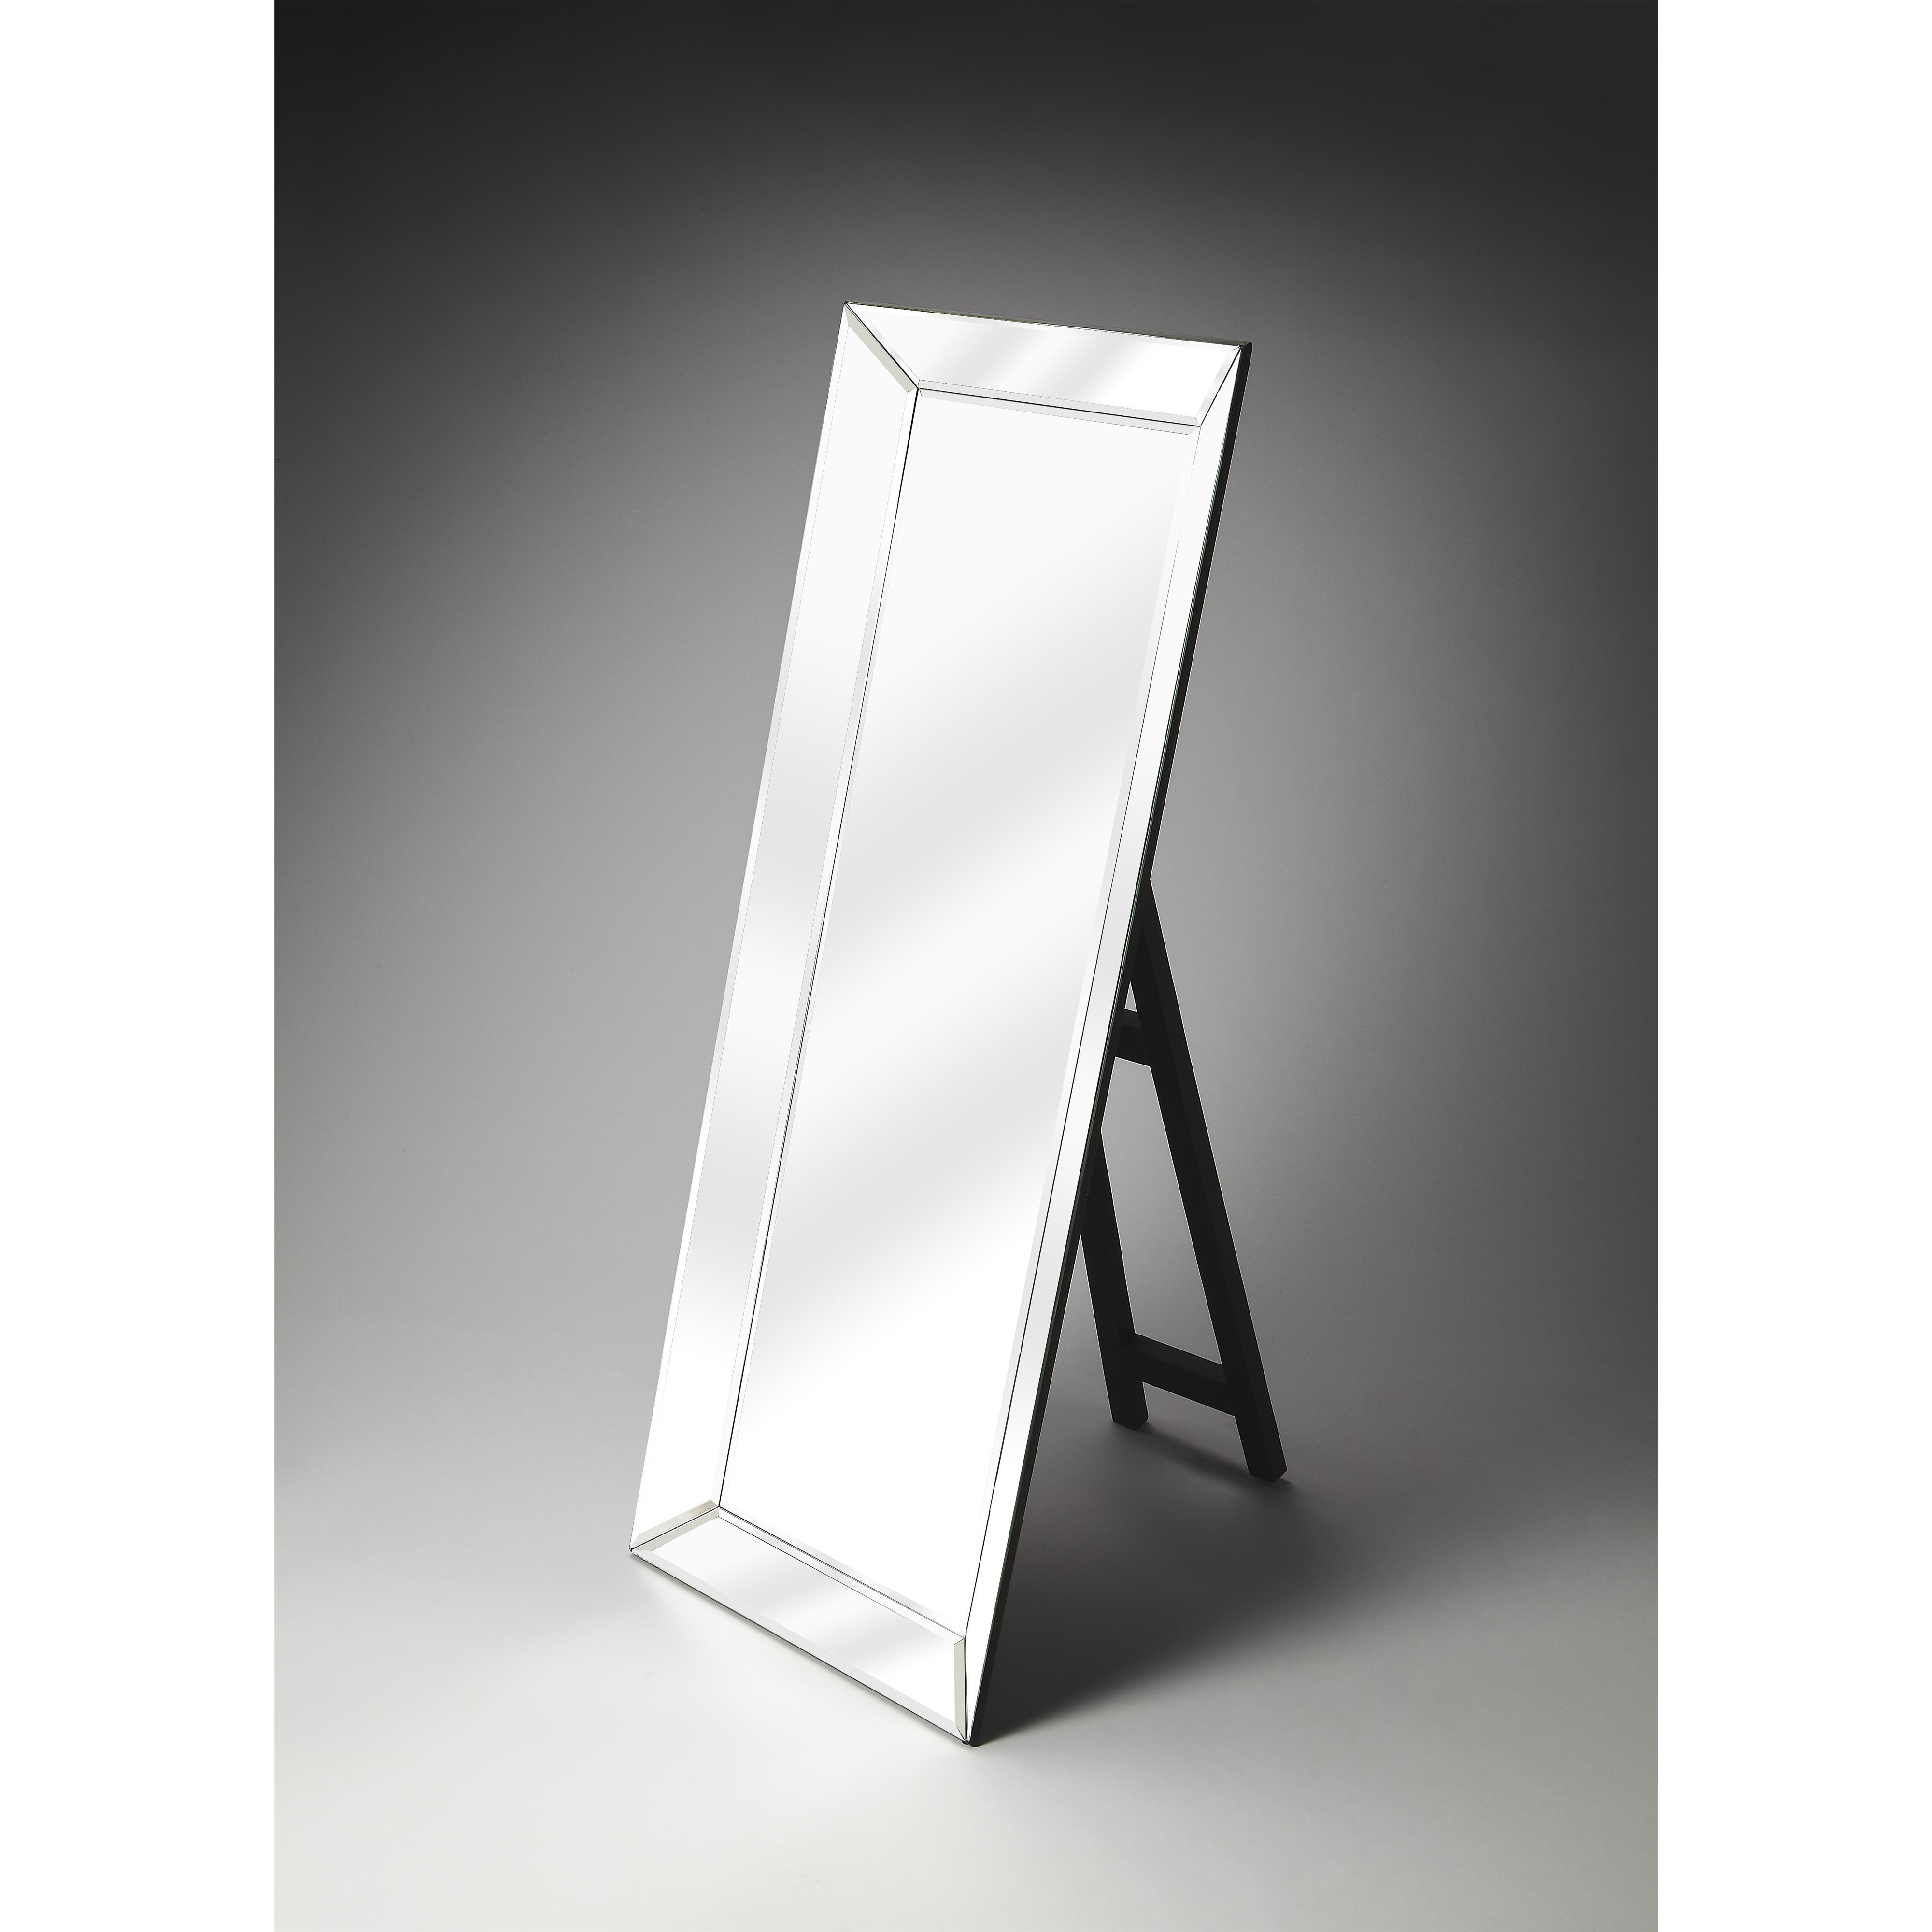 Butler Specialty Company Butler Loft Floor-Standing Mirror - Item Number: 1861146